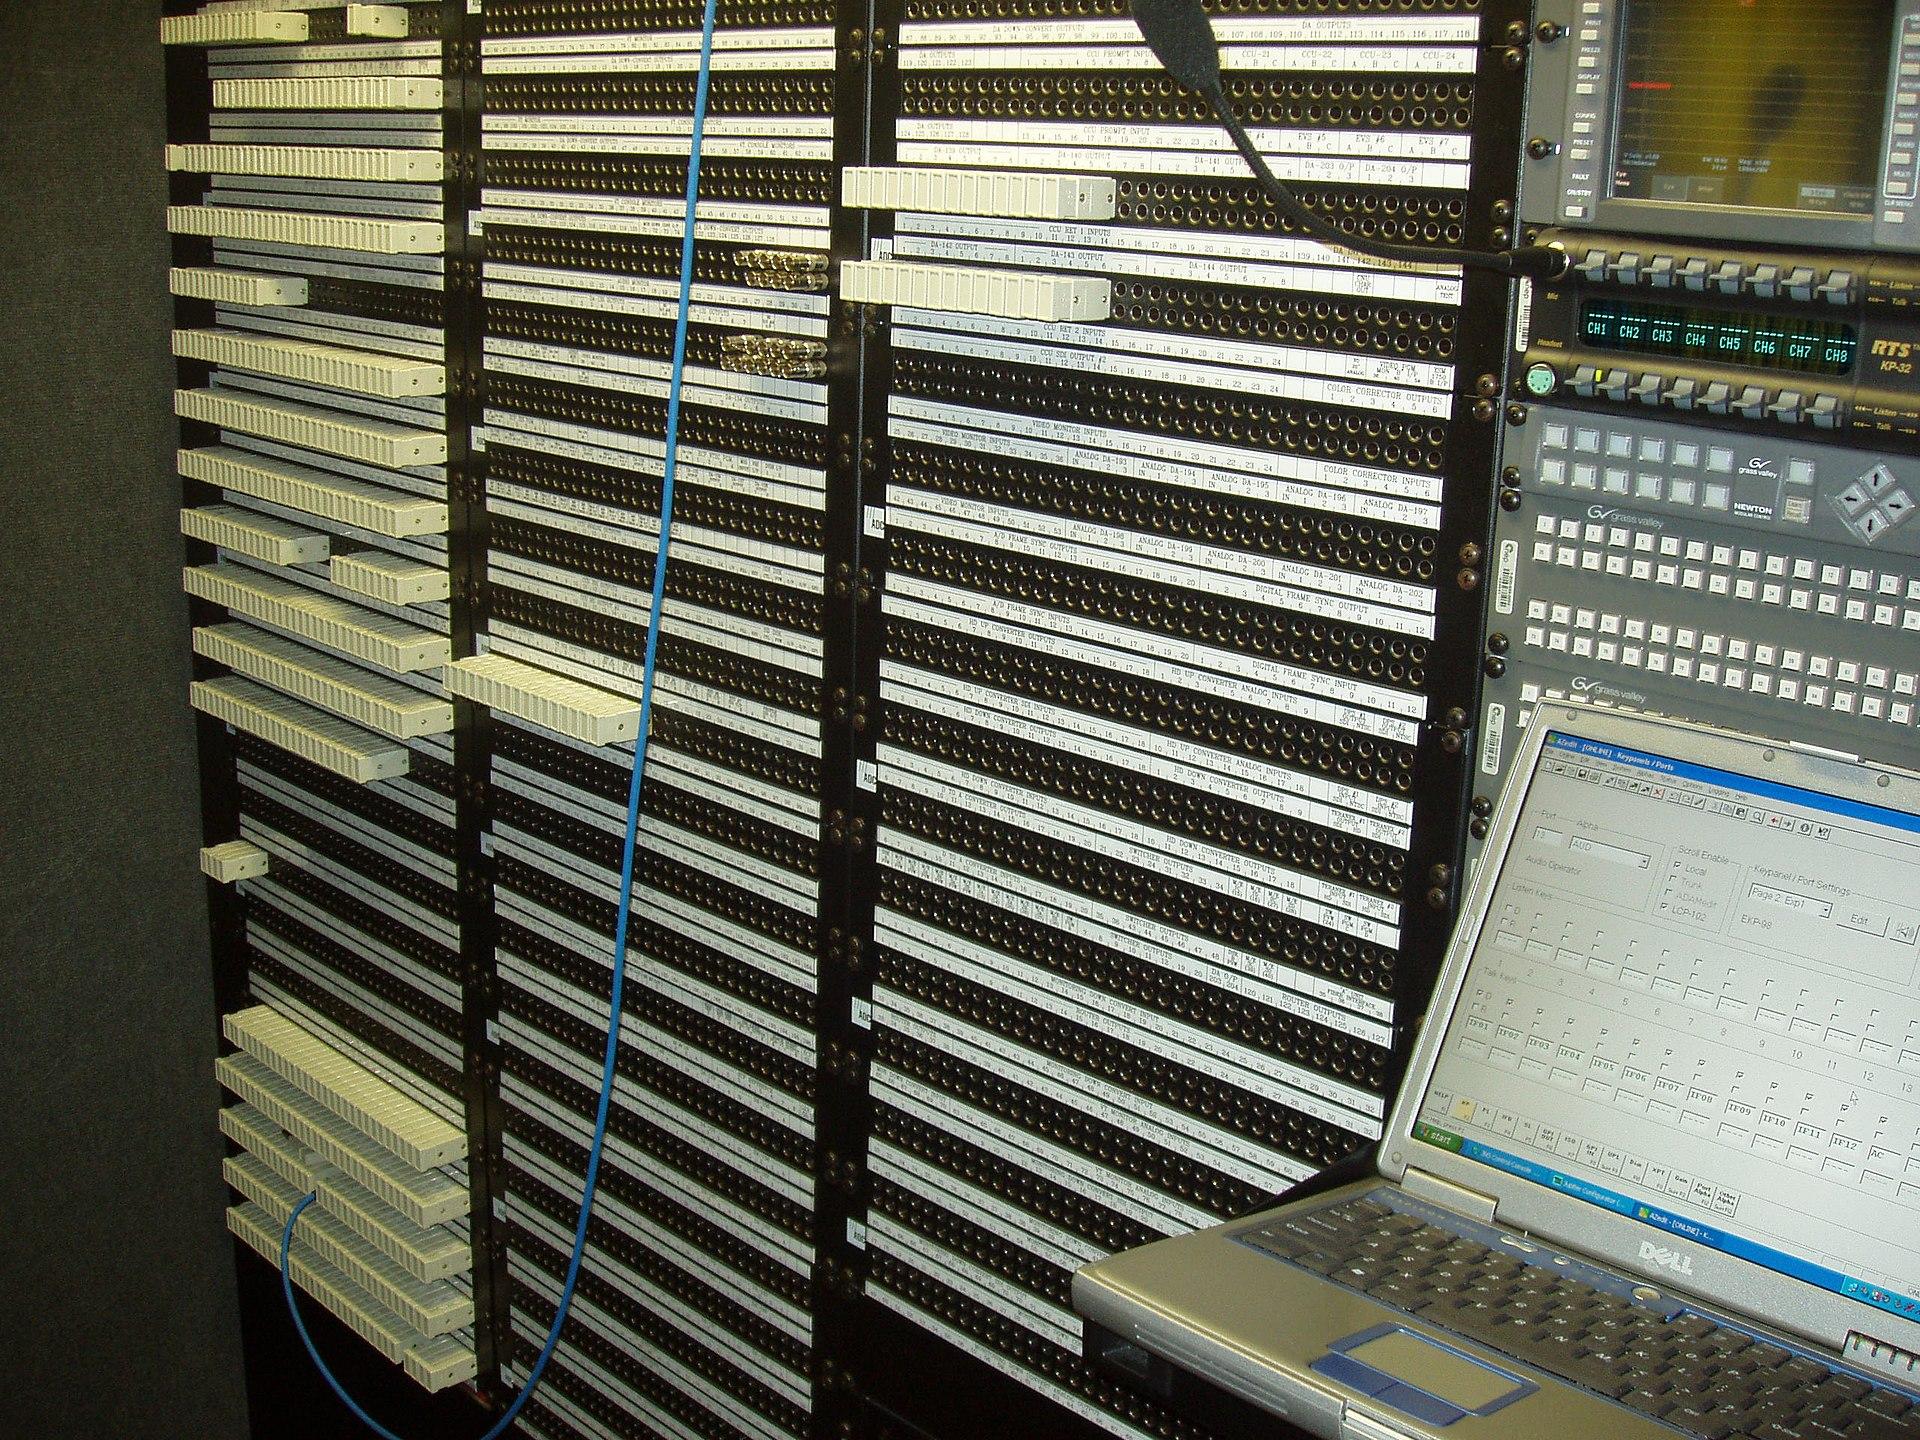 Patch panel - Wikipedia